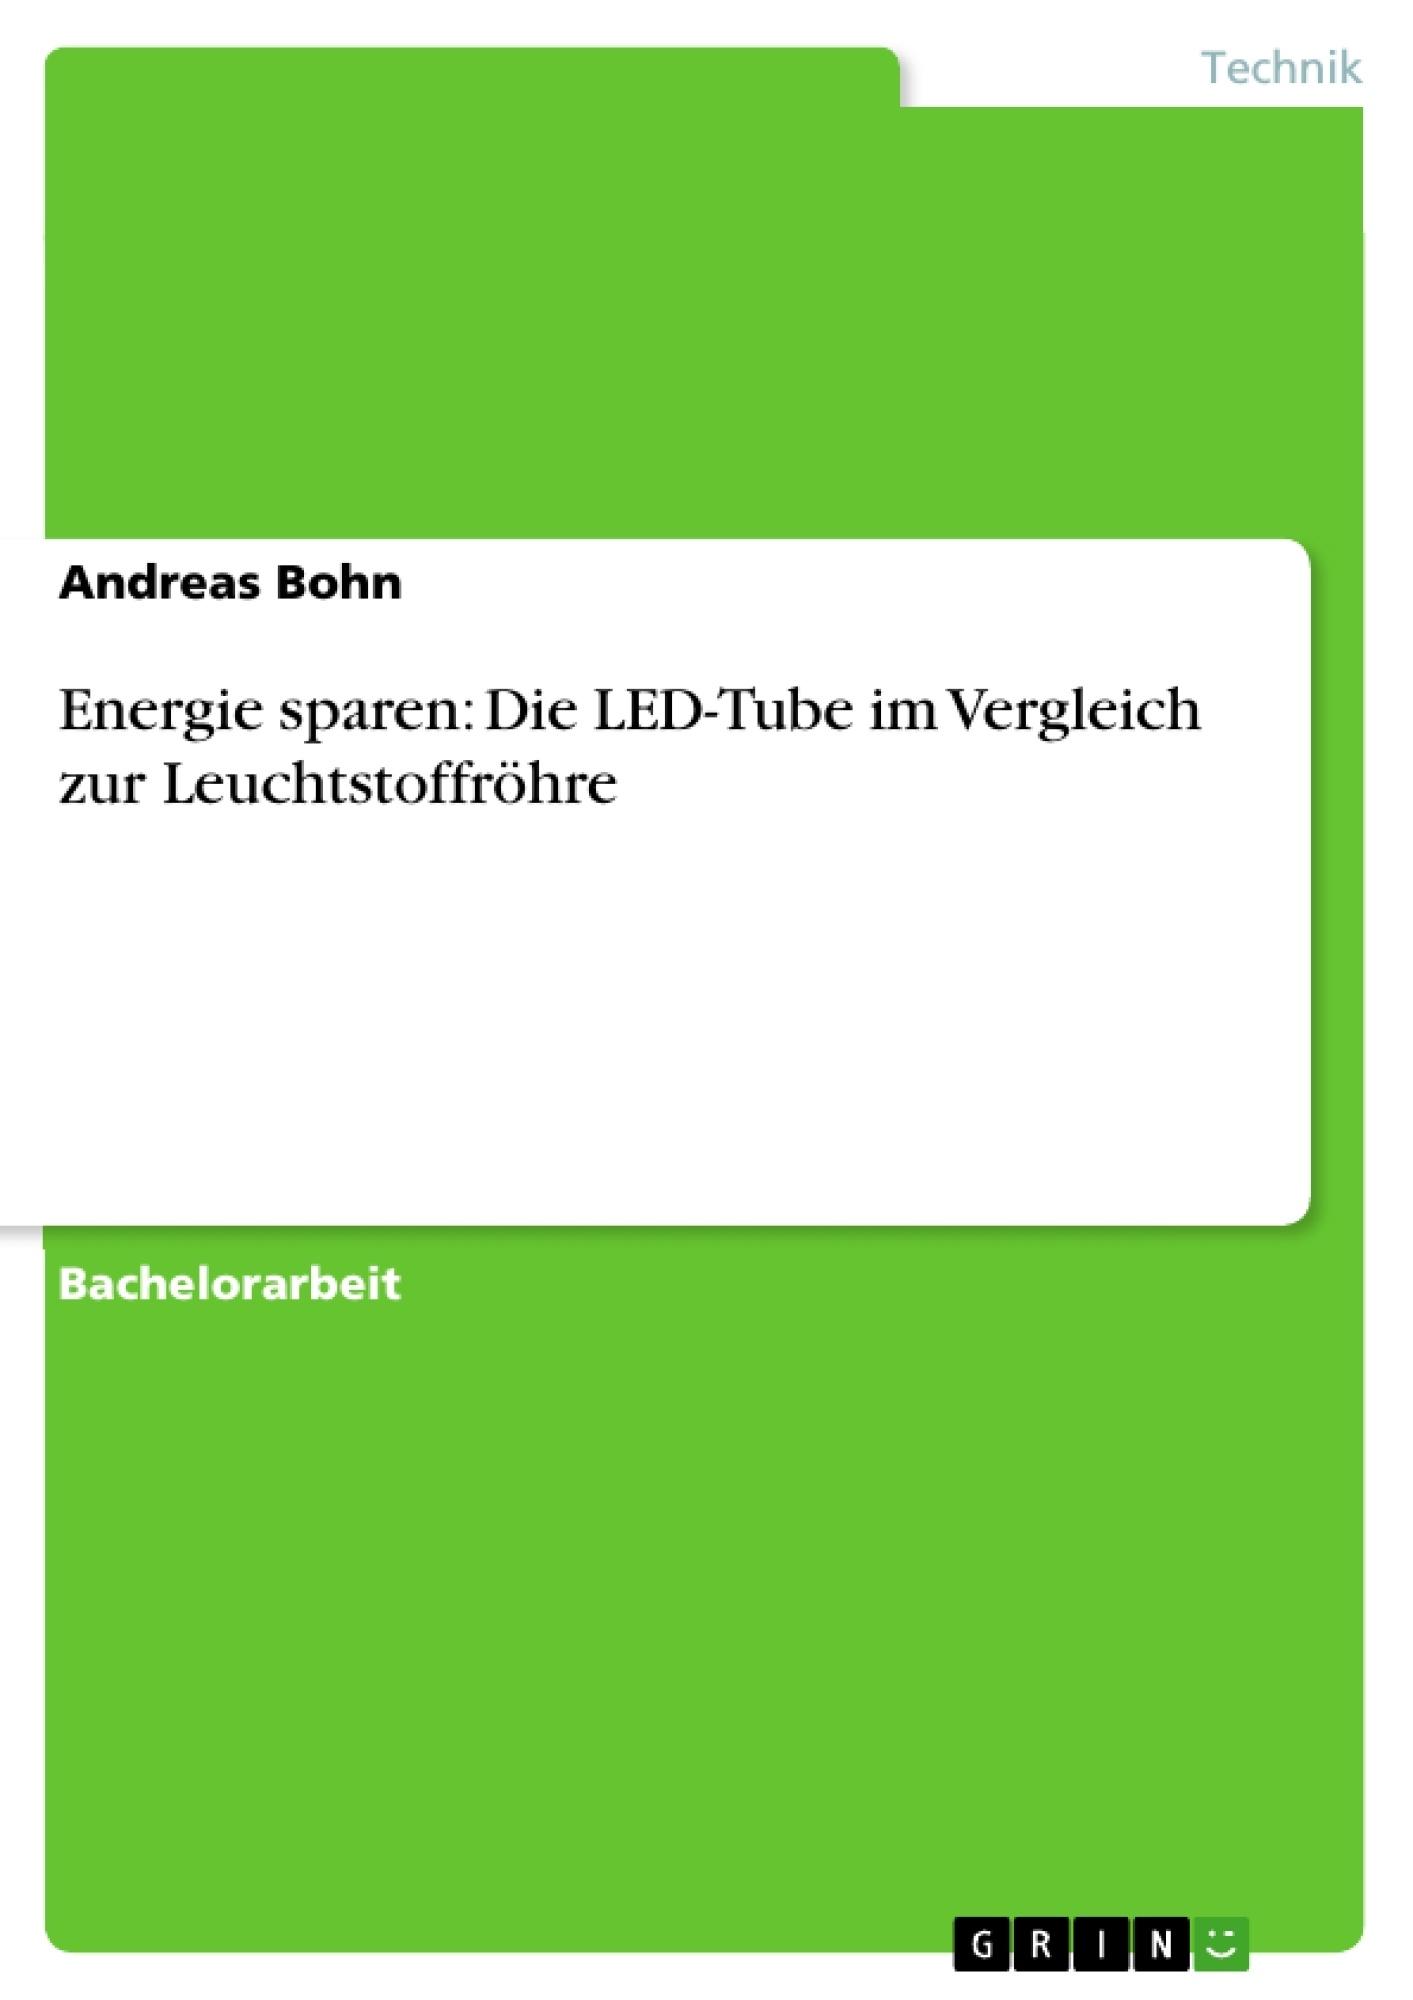 Titel: Energie sparen: Die LED-Tube im Vergleich zur Leuchtstoffröhre